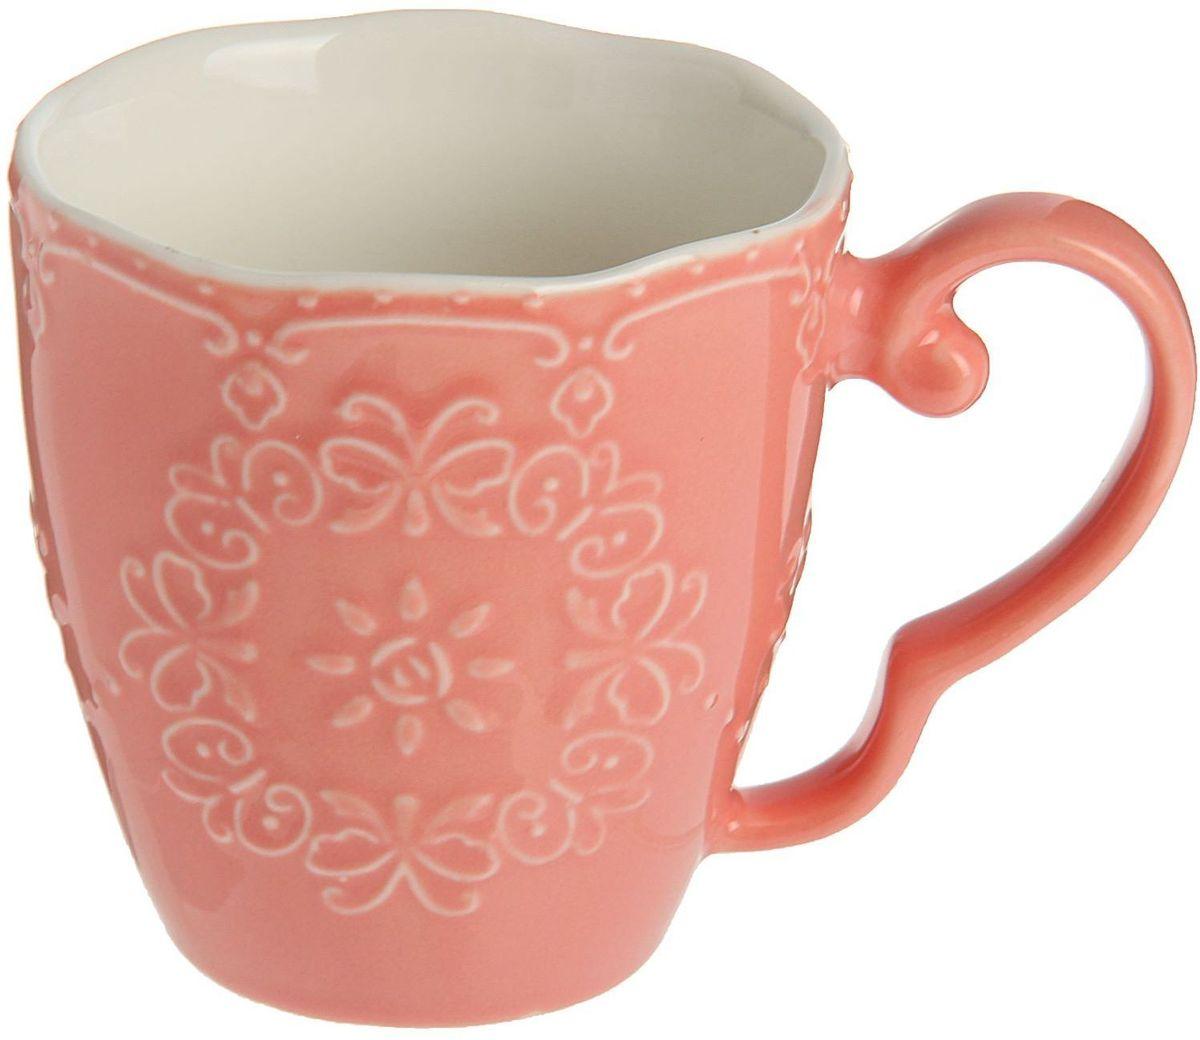 Кружка Доляна Кружева, цвет: розовый, 270 мл1625314Кружка Доляна Кружева изготовлена из керамики. Корпус чашки украшен выпуклым кружевным рисунком. Кружка станет отличным подарком для родных и близких. Это любимый аксессуар на долгие годы.Относитесь к изделию бережно, и оно будет дарить прекрасное настроение каждый день.